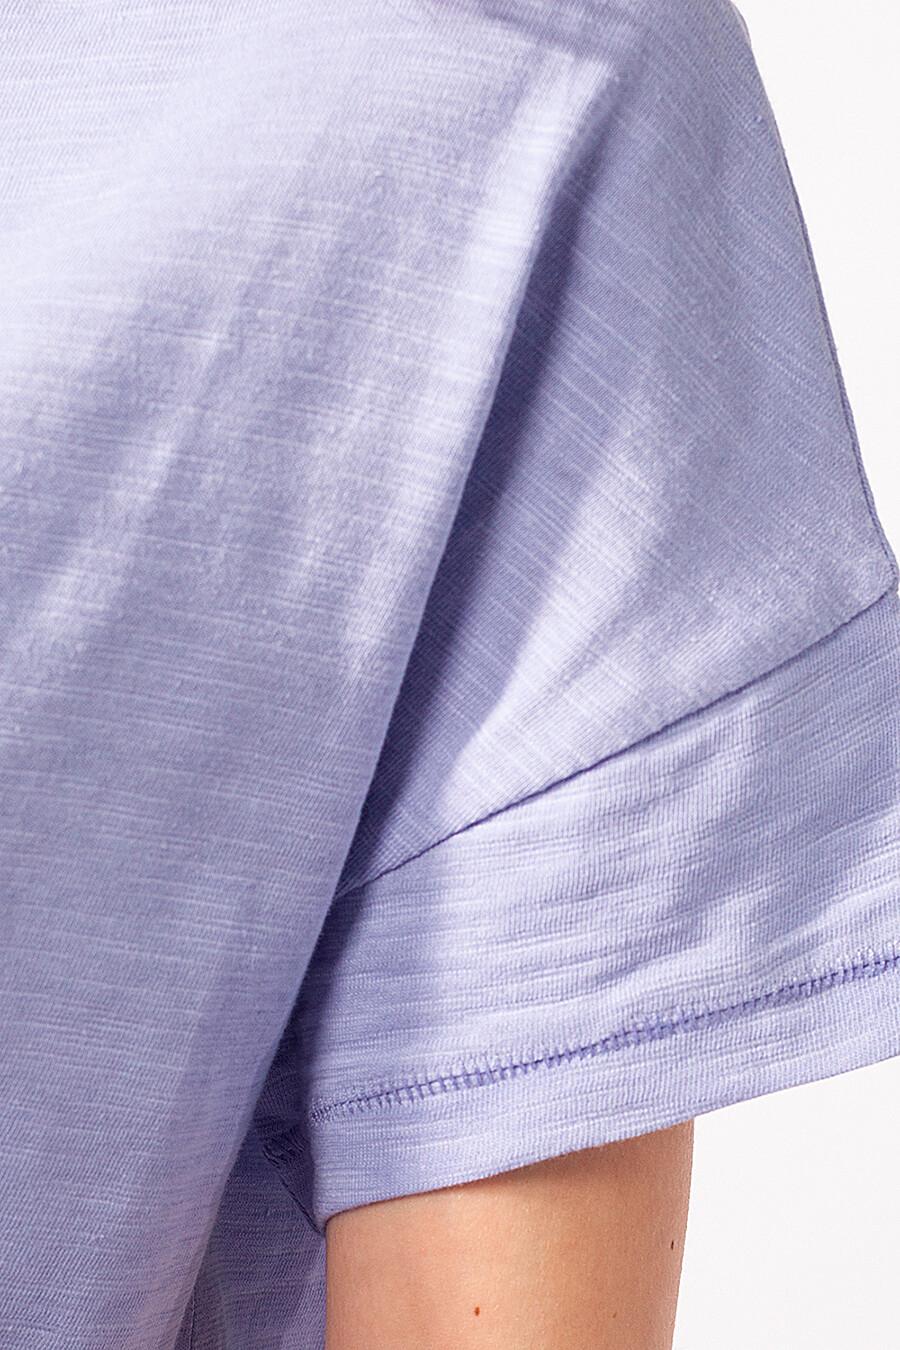 Футболка для женщин VILATTE 668644 купить оптом от производителя. Совместная покупка женской одежды в OptMoyo